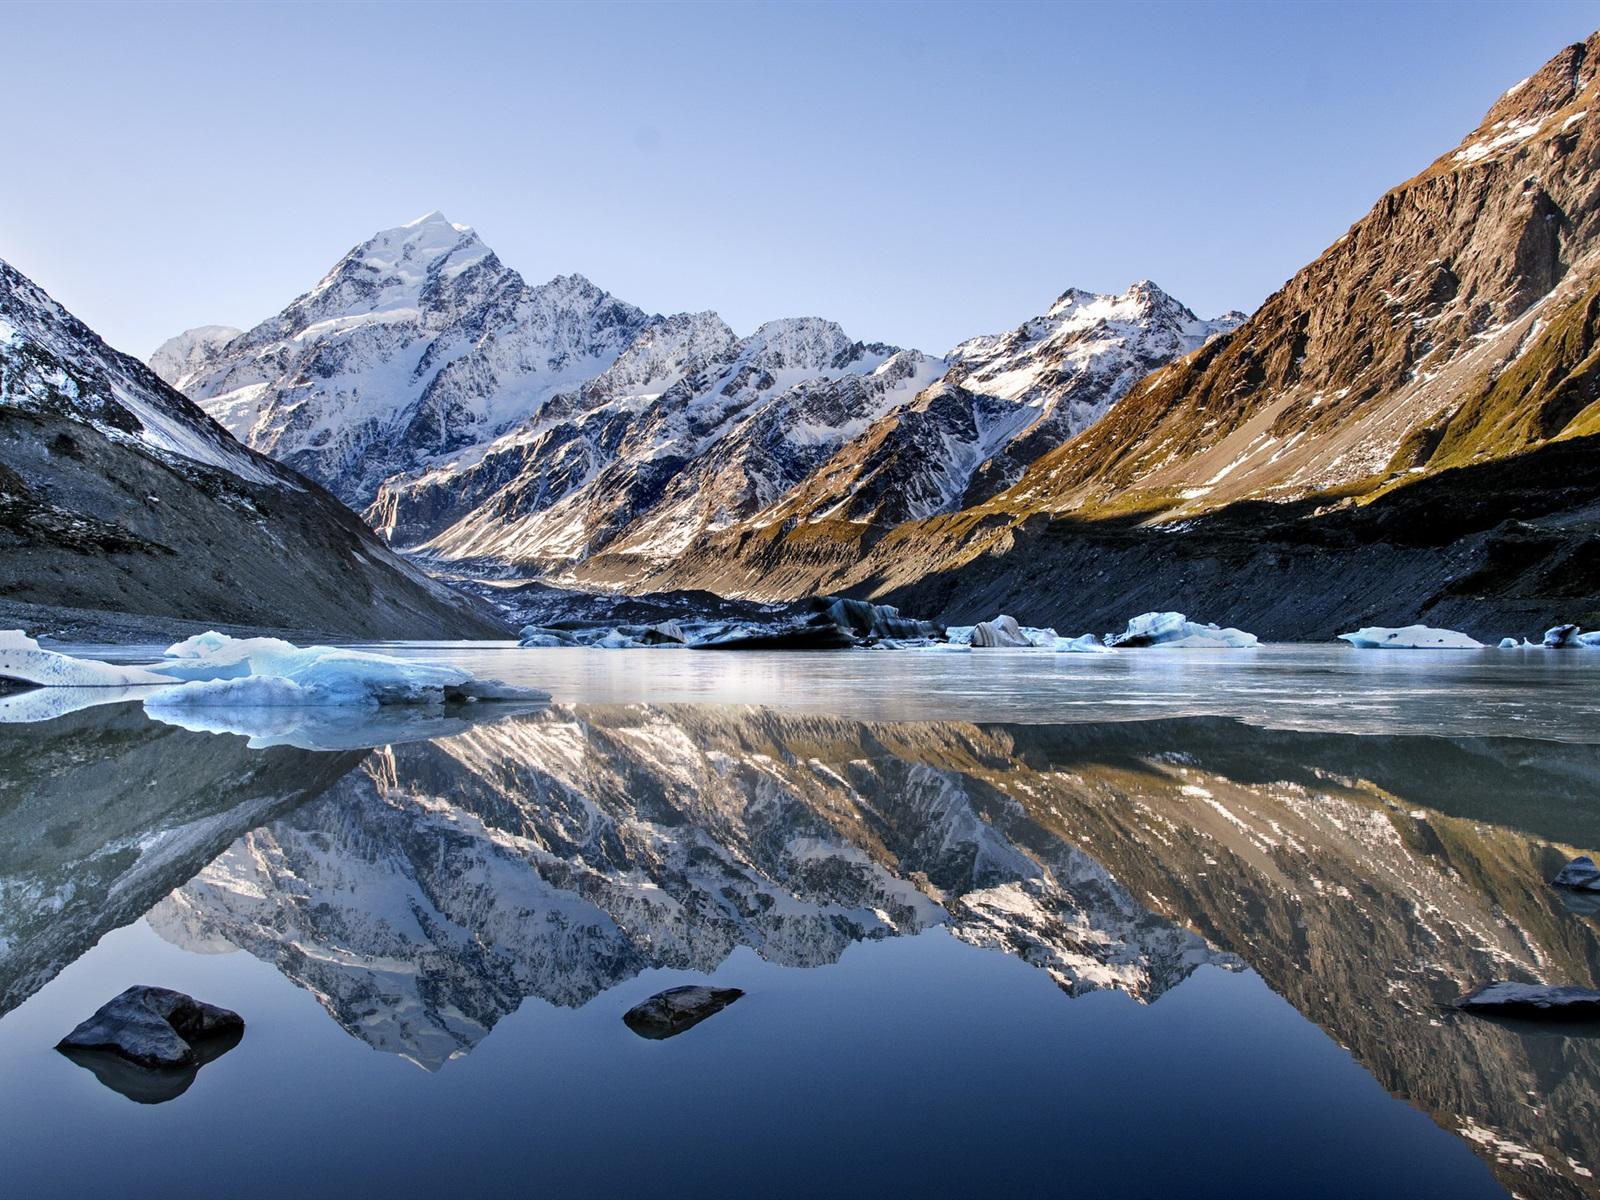 Montaña Nevada 1024x768: Fondos De Pantalla Lago, Montañas, Nieve, Agua De